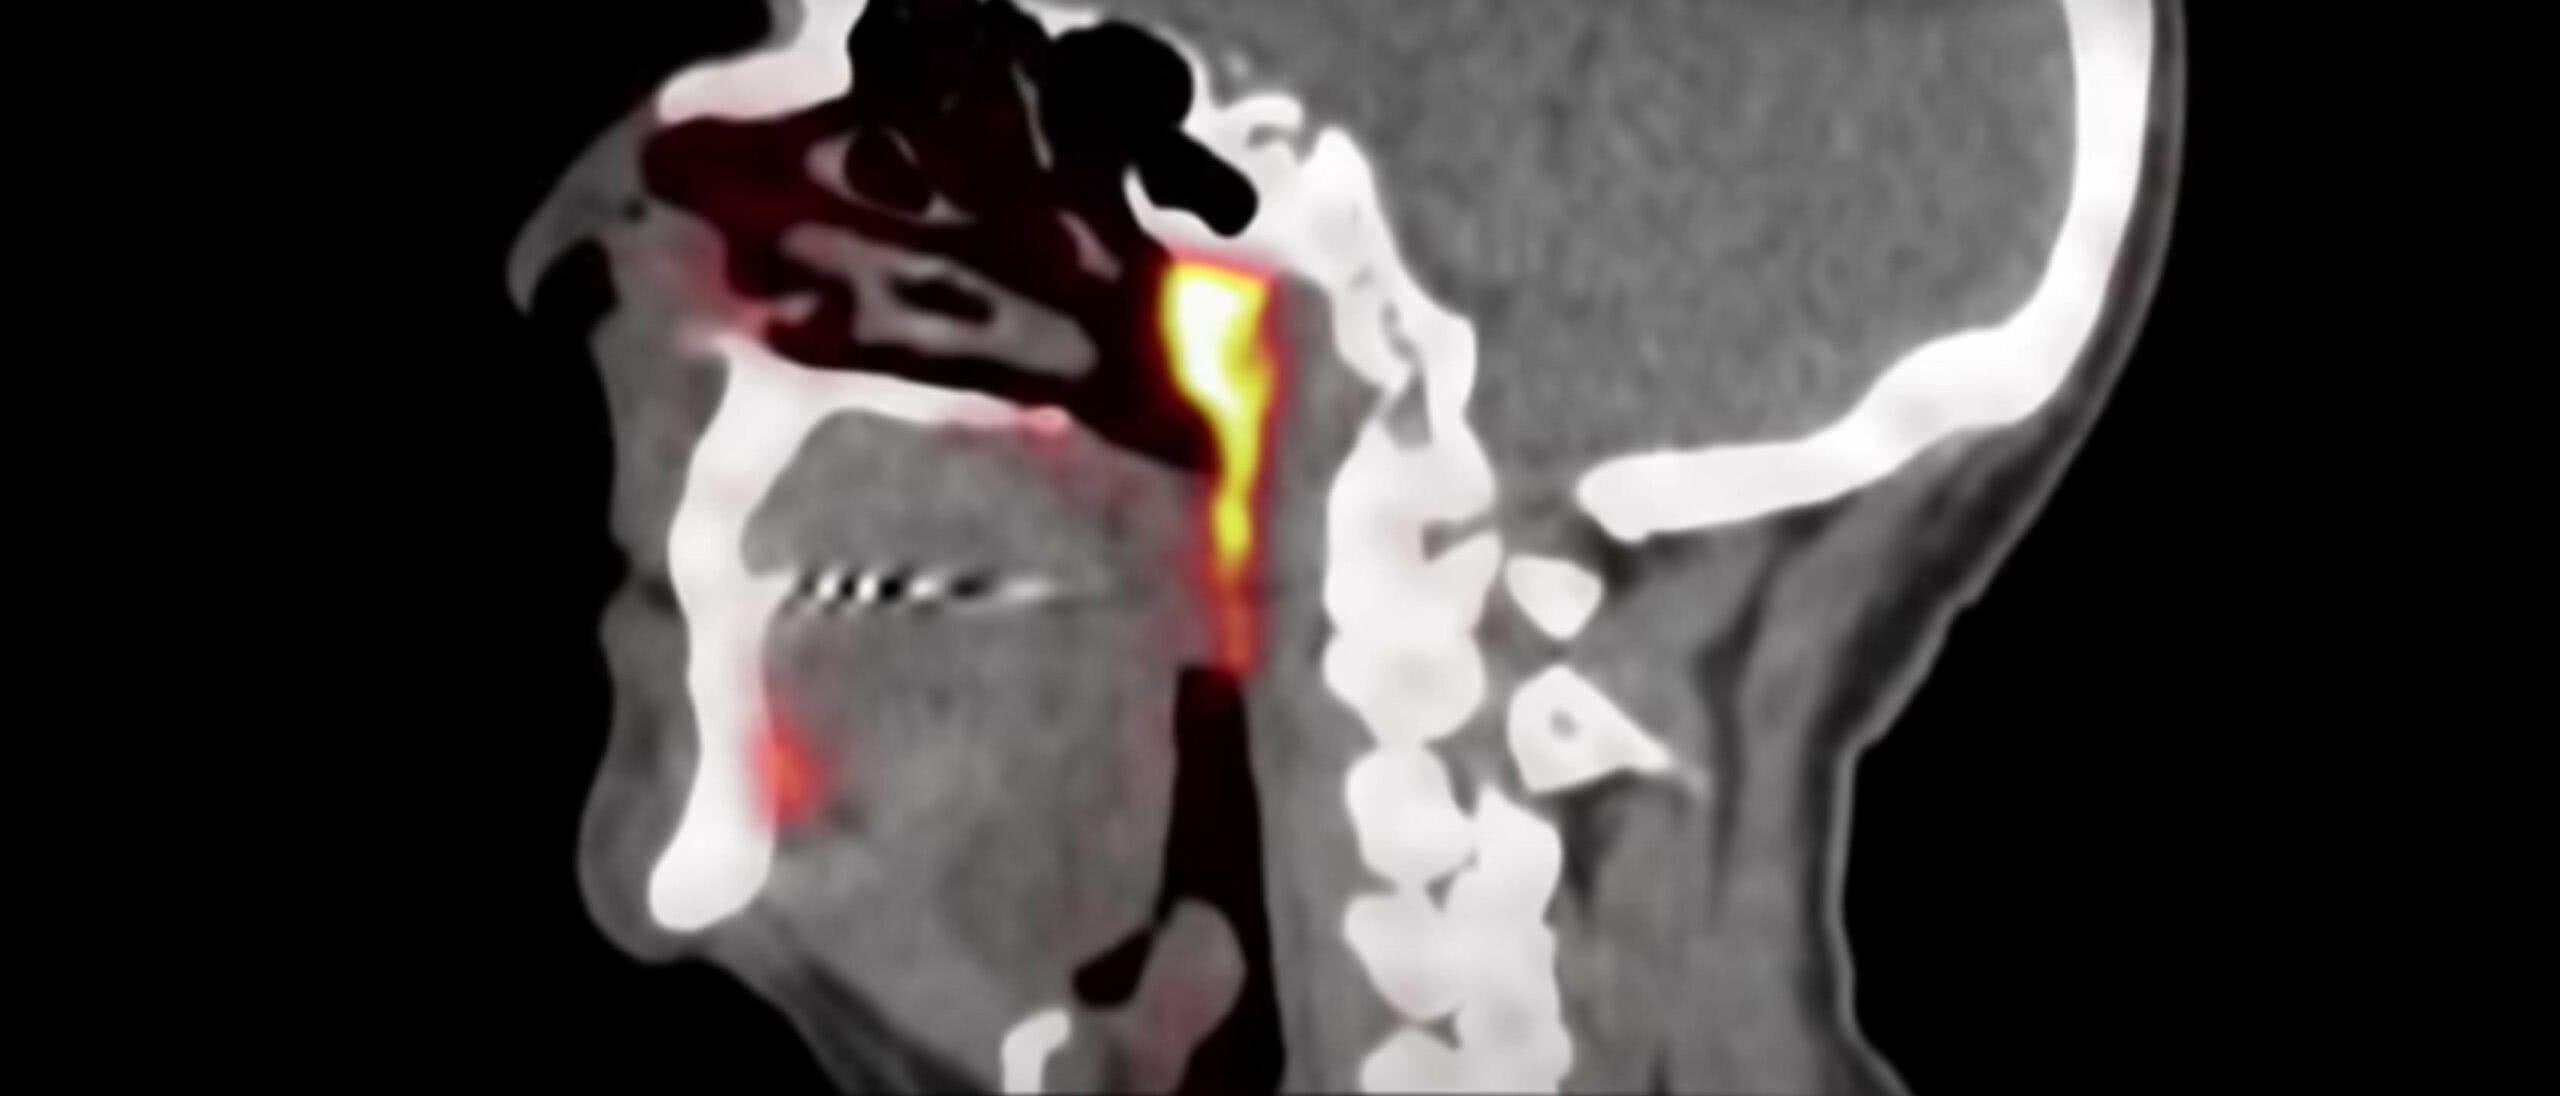 Glândulas salivares tubárias